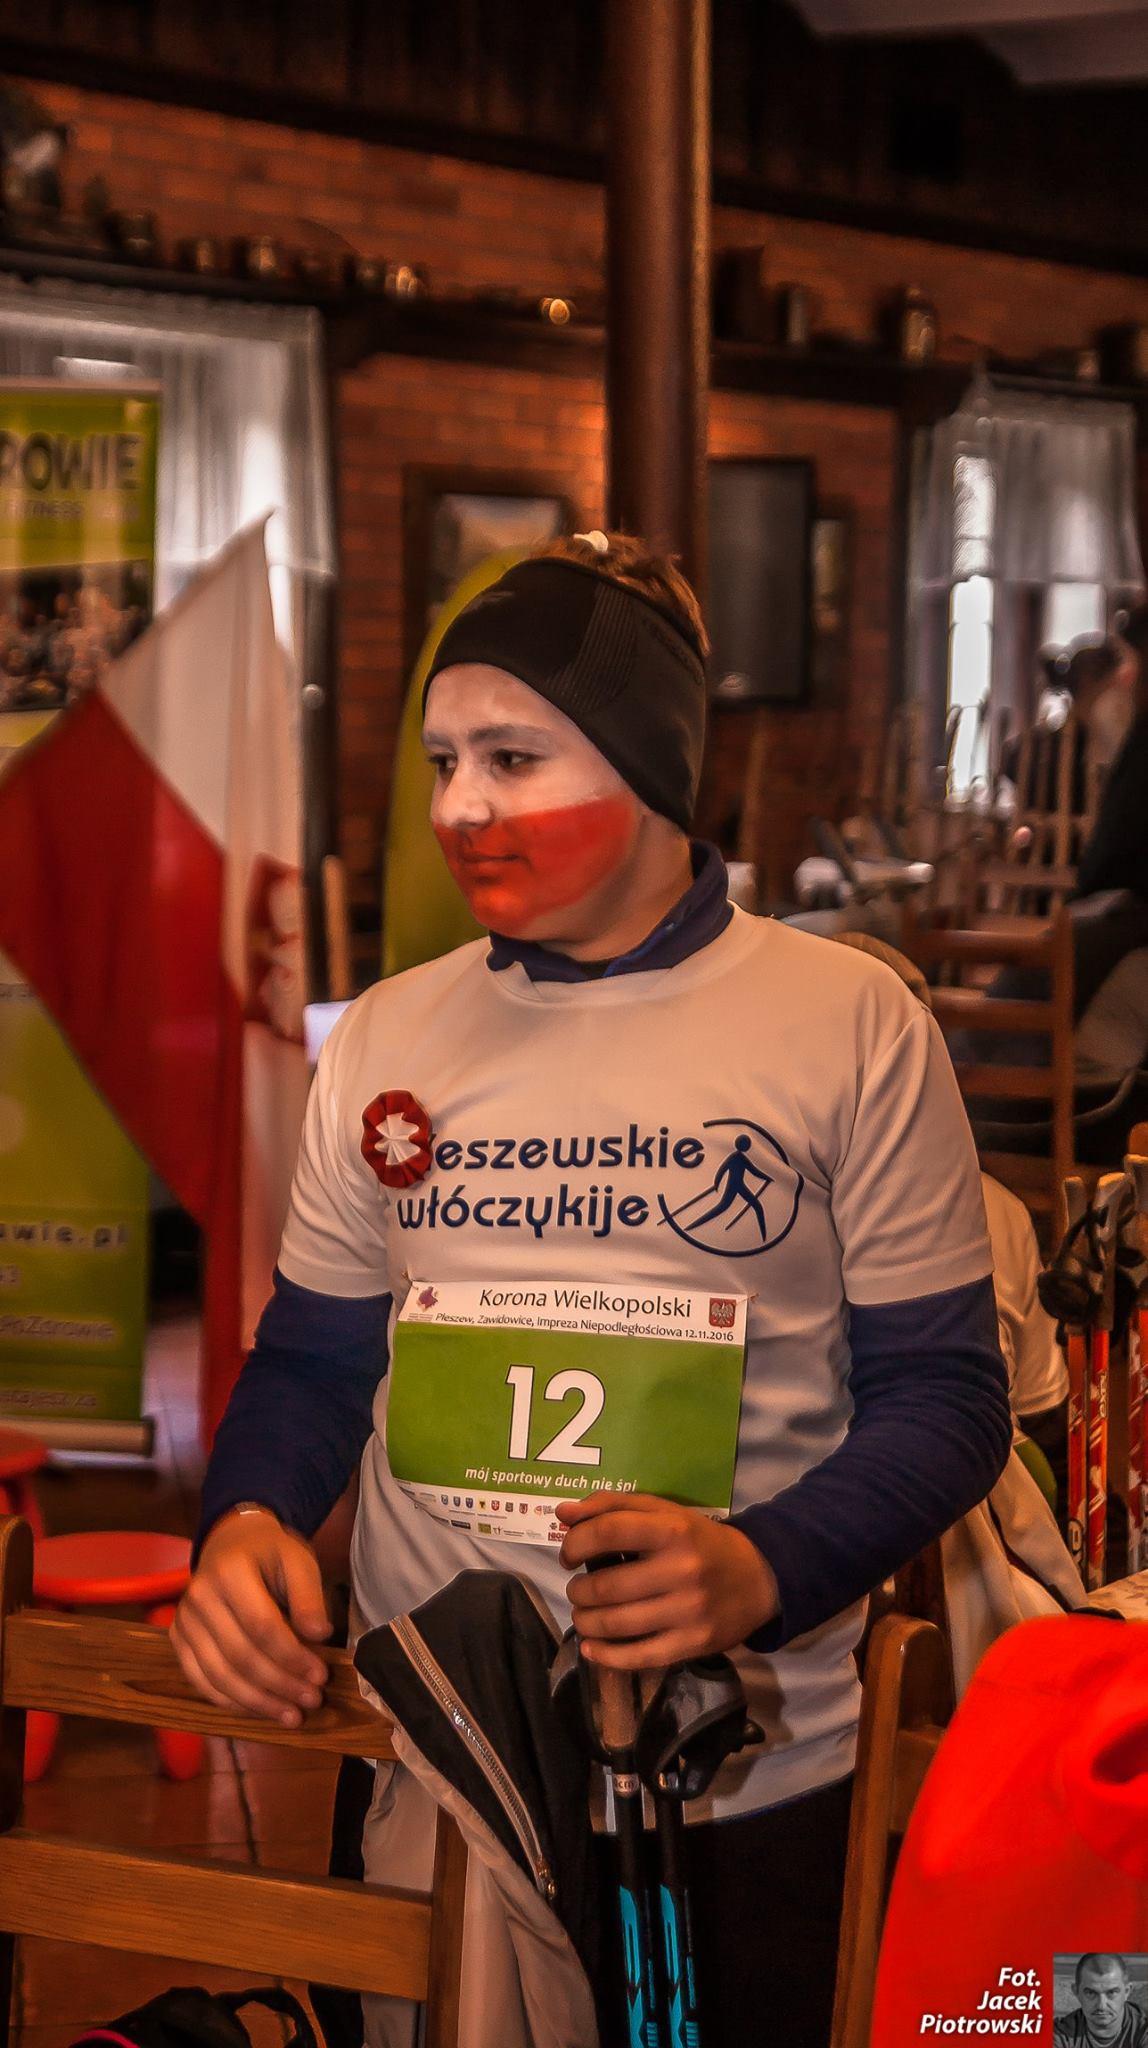 III Korona Wielkopolski Pleszew Zawidowice Fitness Klub Active Fit Pleszew 5